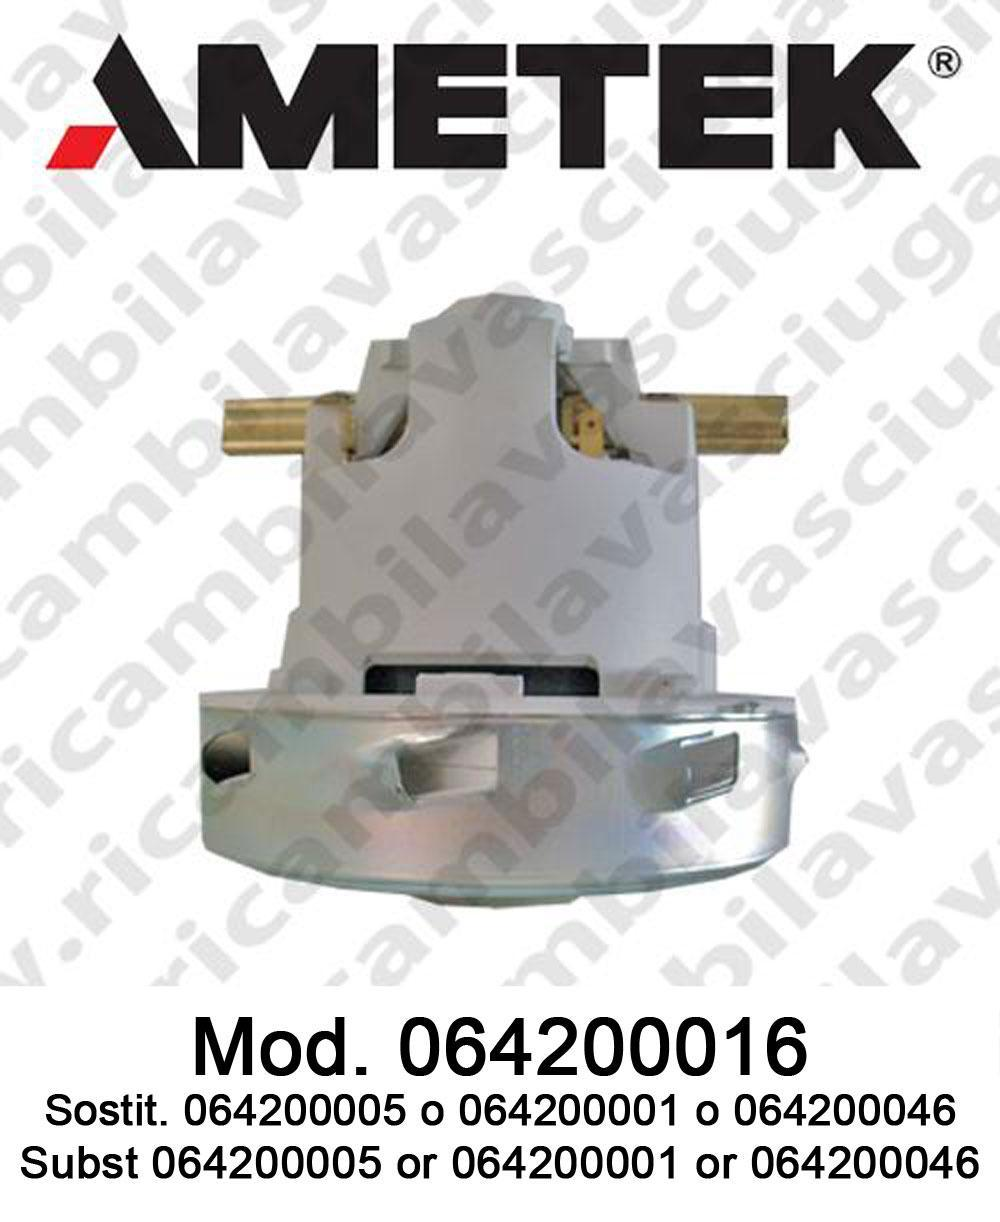 Motore de aspiración 064200016 AMETEK ITALIA para fregadora y aspiradora. Sostituisce 064200005 o 064200046 o 064200001